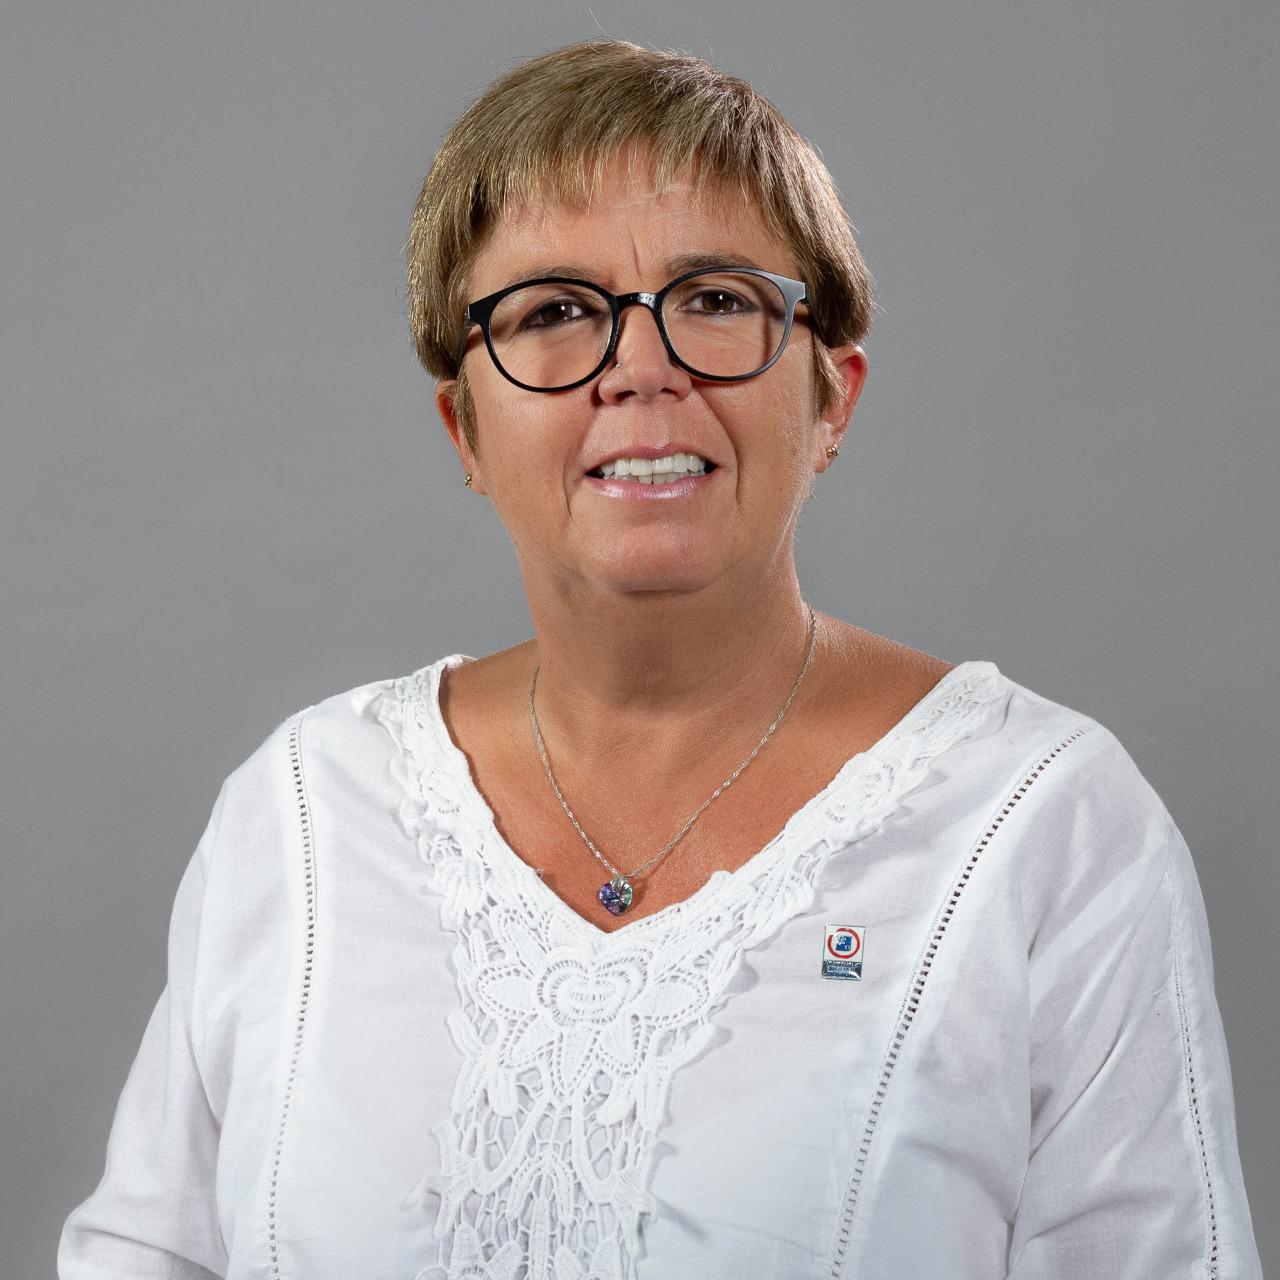 Dra. Silvia Paredes